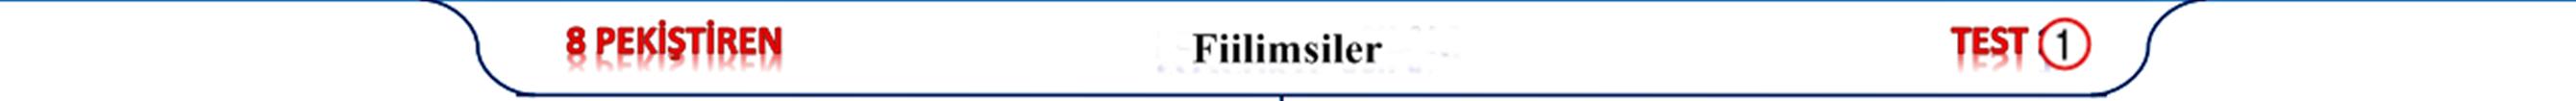 fiilimsi test pdf indir, 8.sınıf fiilimsiler test pdf, yeni soru tipleri türkçe lgs yeni nesi sorular türkçe